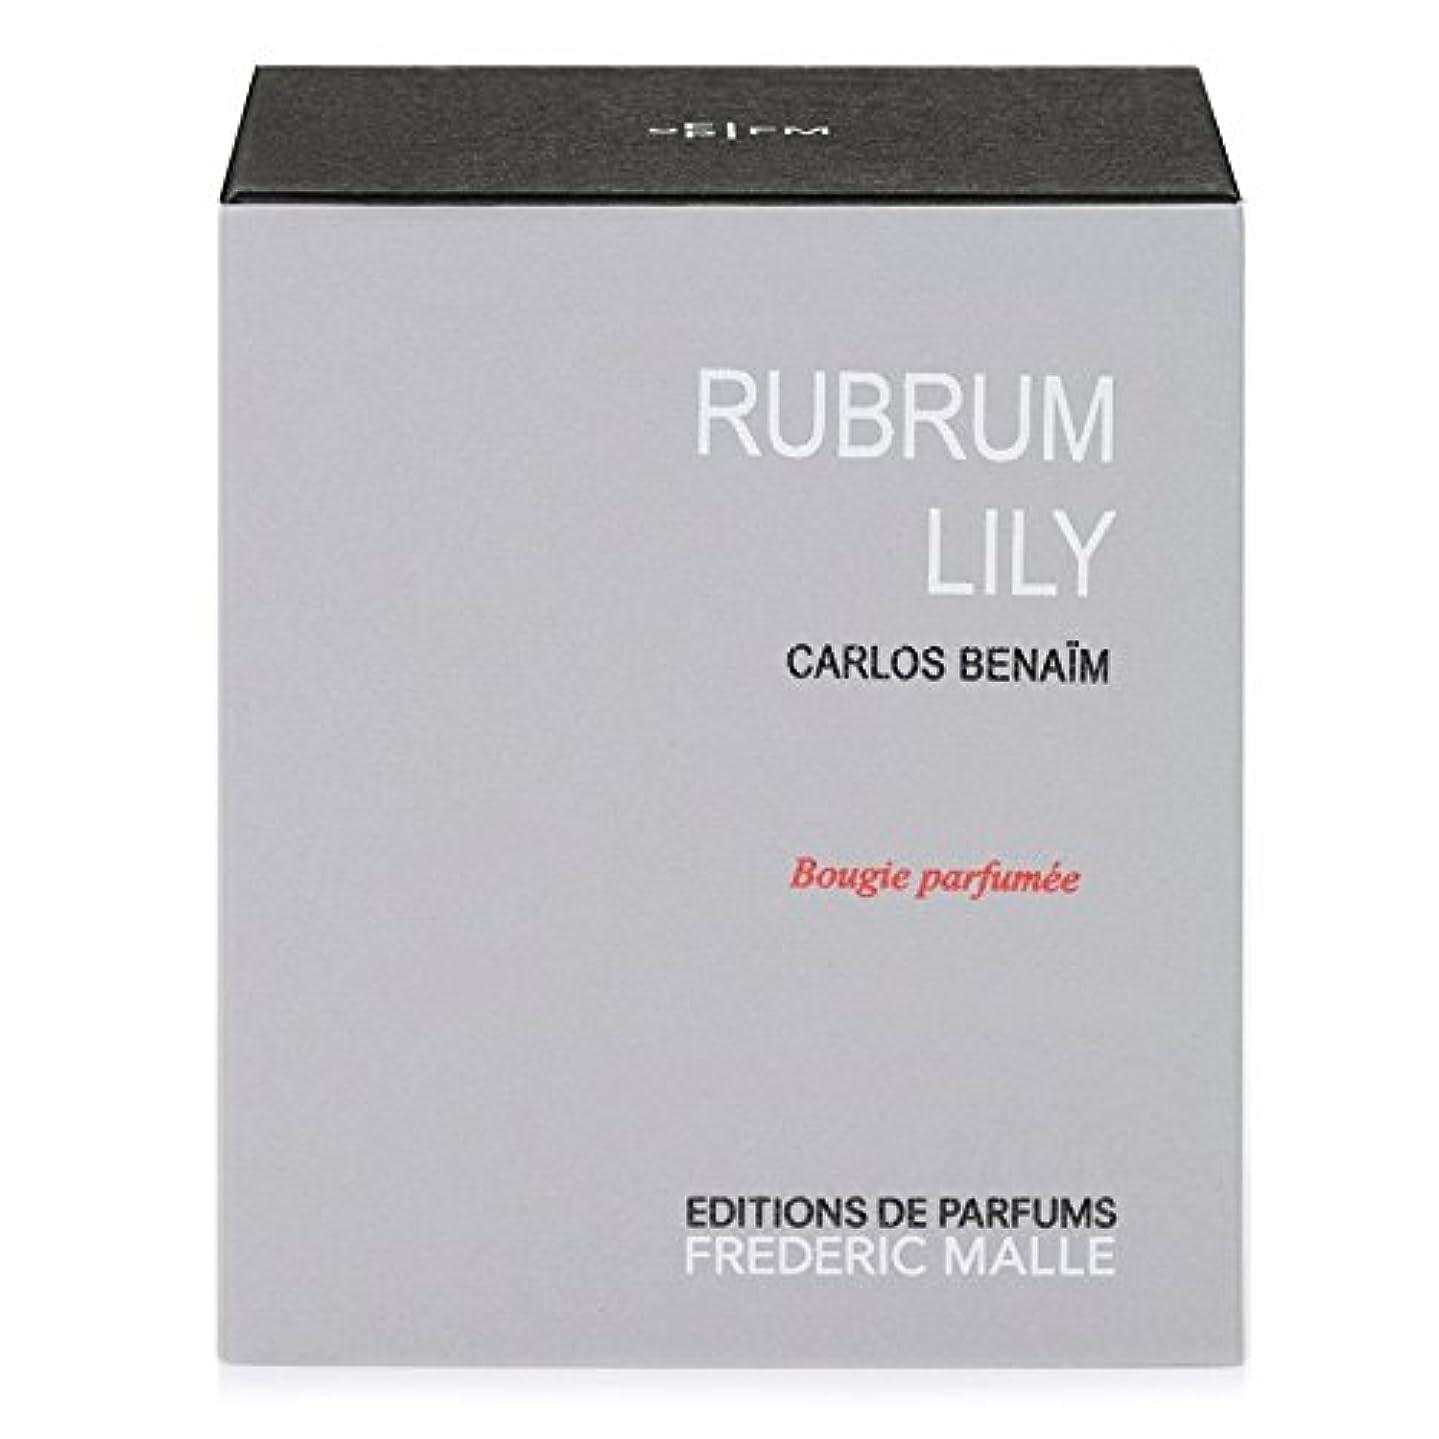 変形するワードローブ支払うフレデリック?マルルブルムユリの香りのキャンドル x6 - Frederic Malle Rubrum Lily Scented Candle (Pack of 6) [並行輸入品]